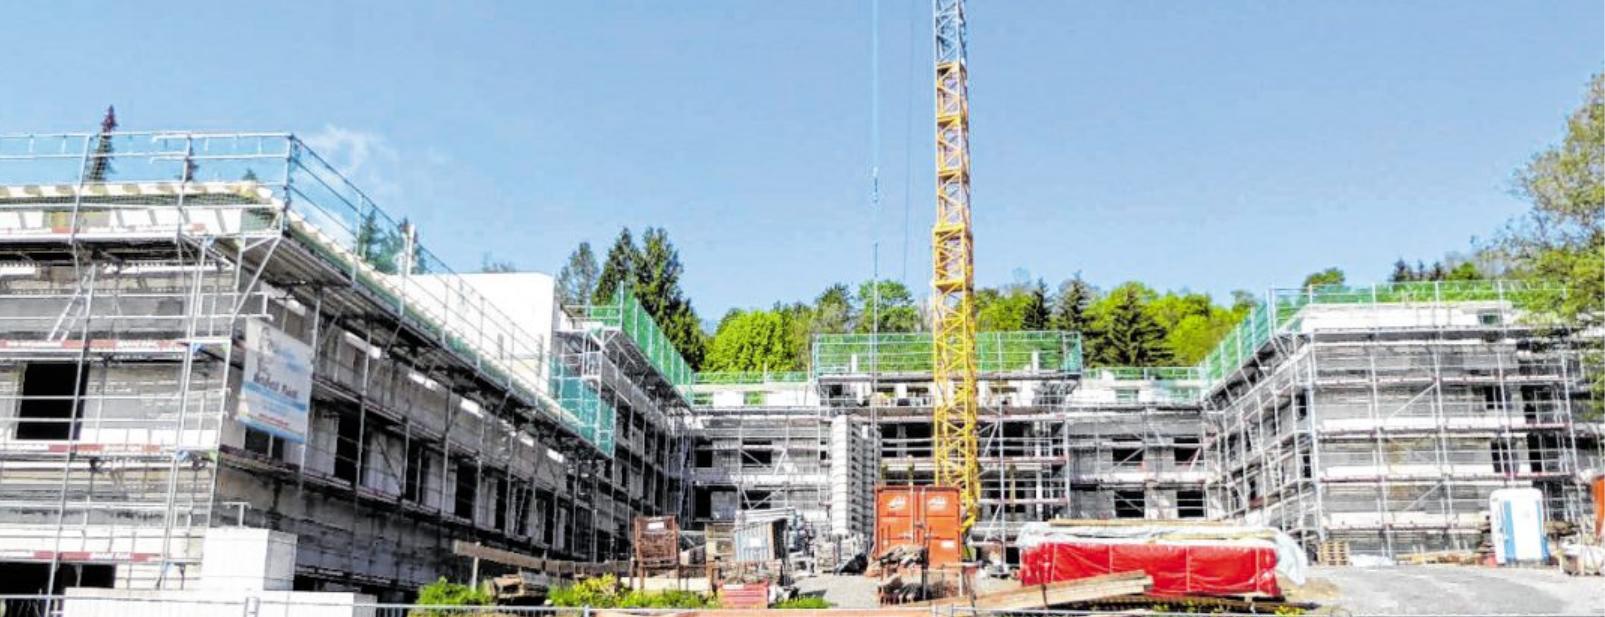 Der Neubau entsteht ebenfalls im Erlenbachtal, unweit des jetzigen Standorts. BILD: HAUS AM SONNENBERG/SASCHA BICKEL